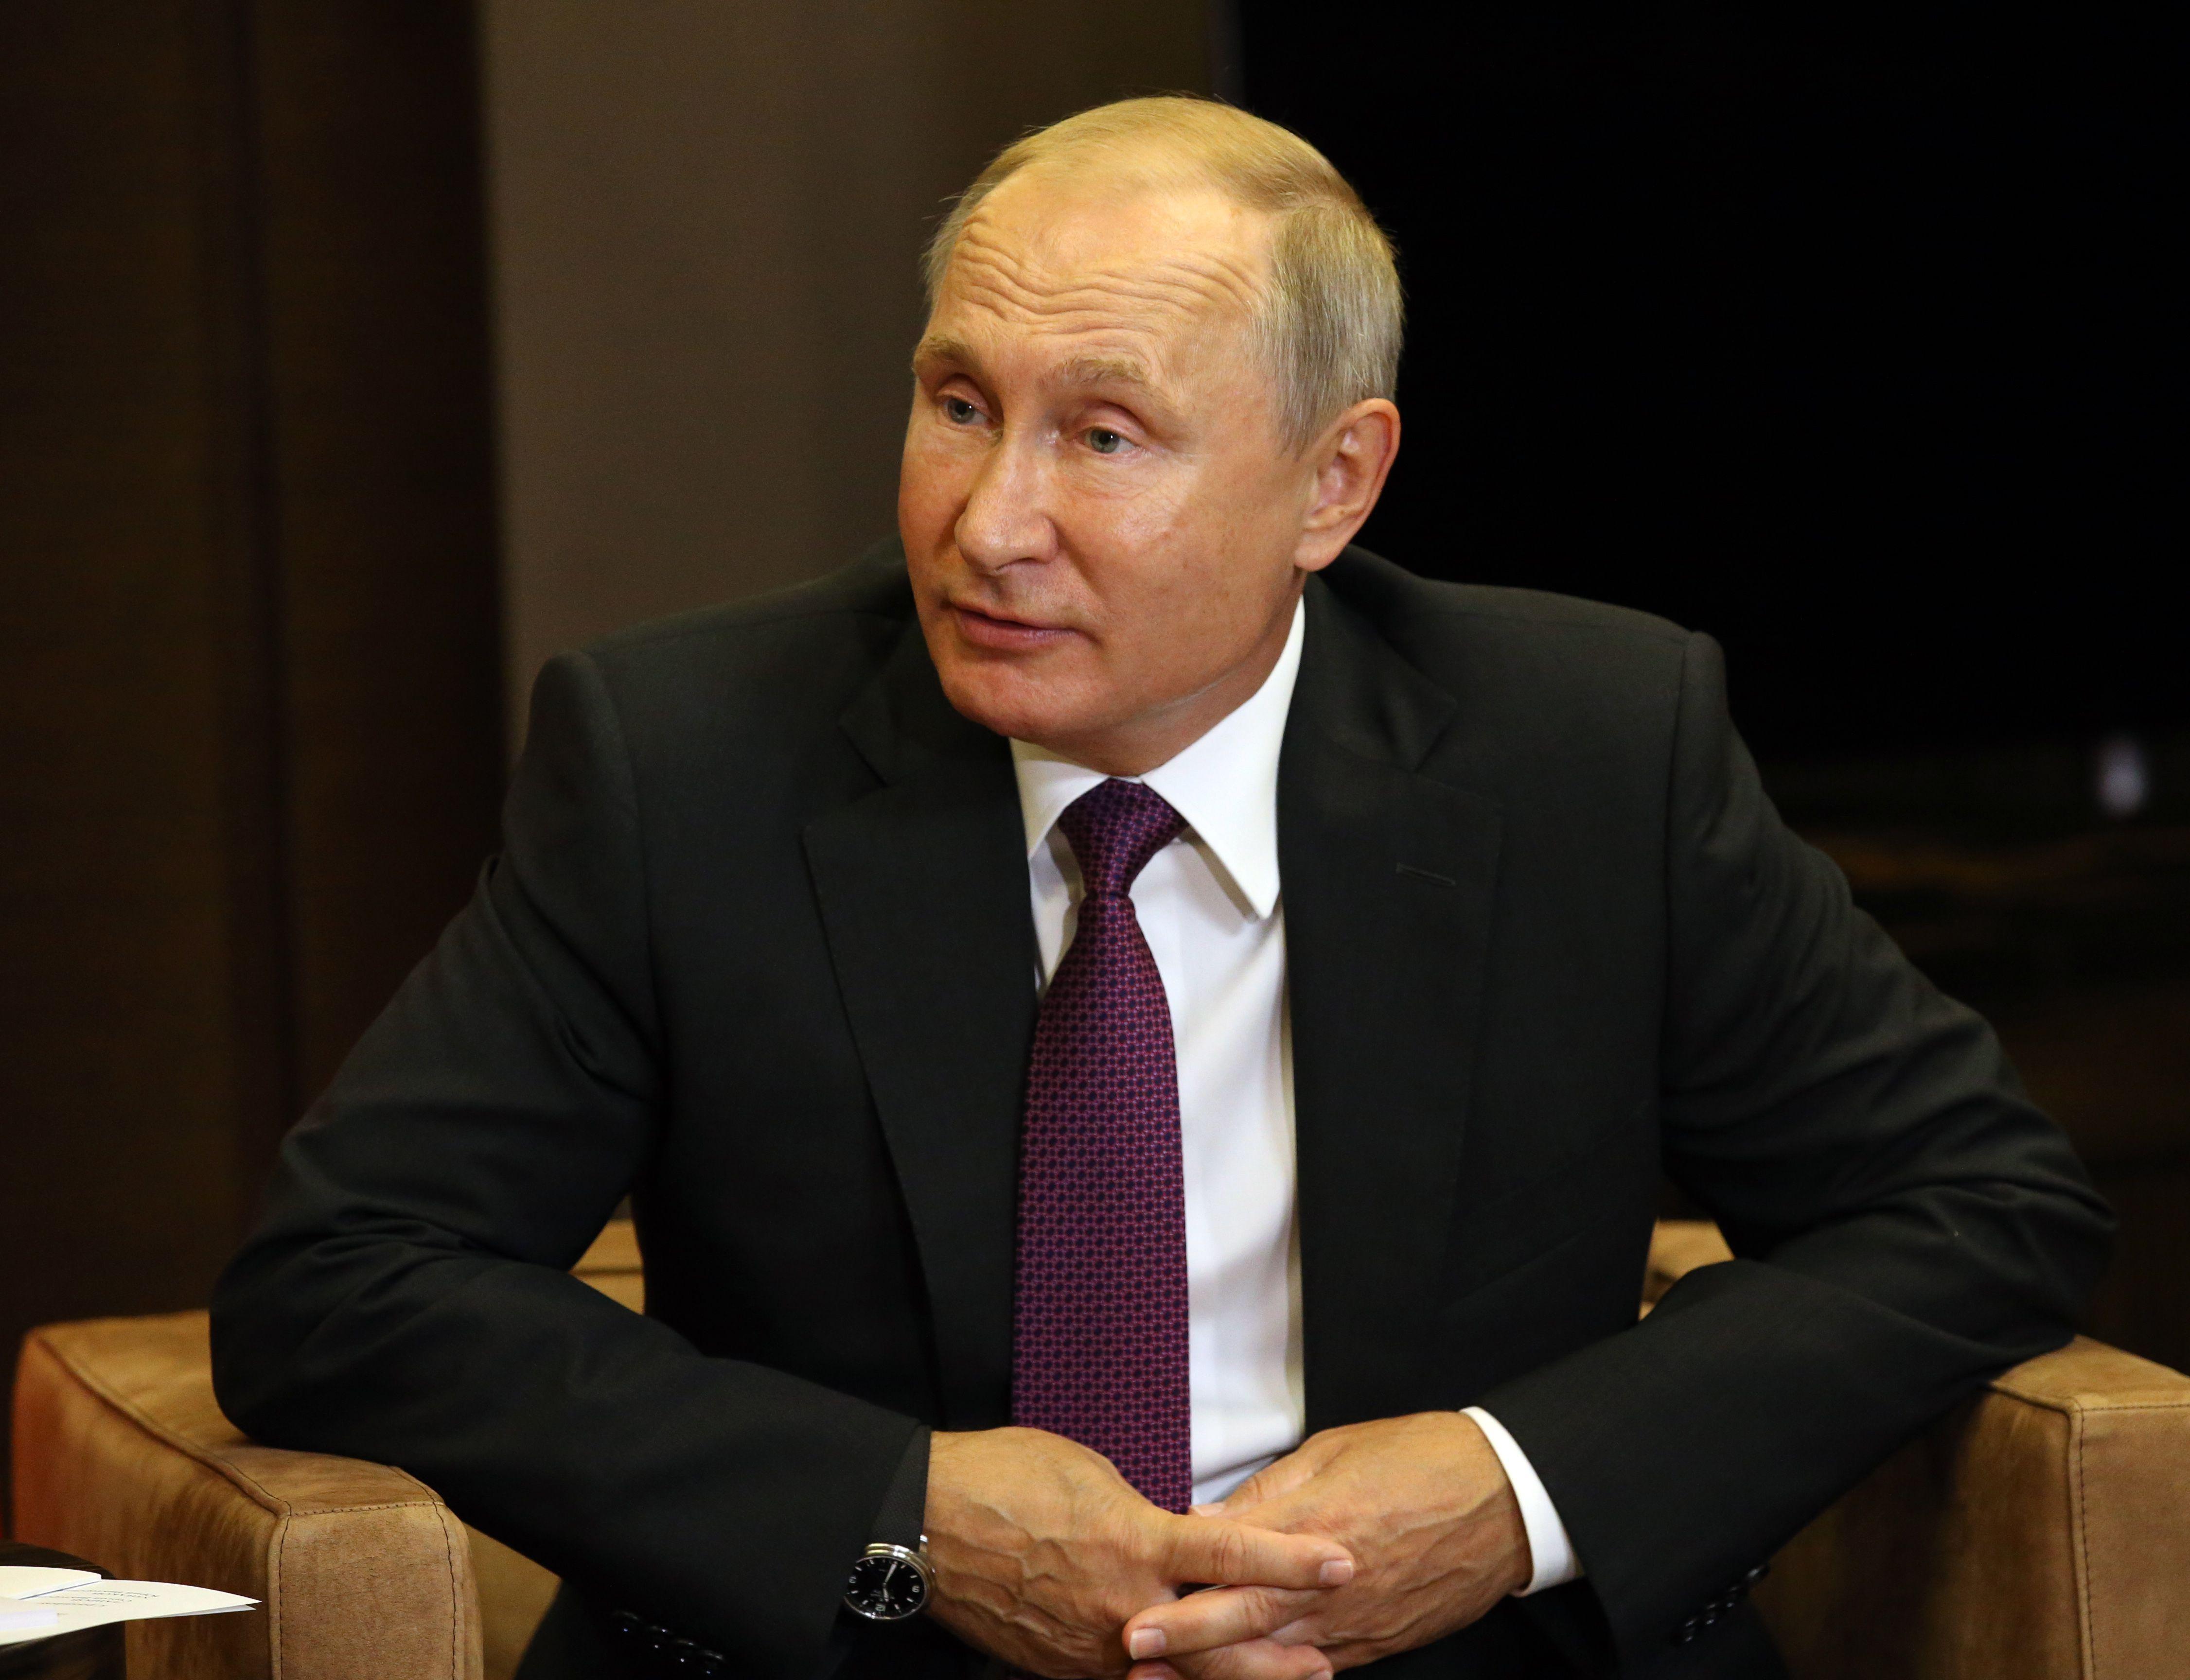 Mi lesz, ha Vlagyimir Putyinnak át kell adnia Oroszországot? - Már mozgolódnak az erős emberek